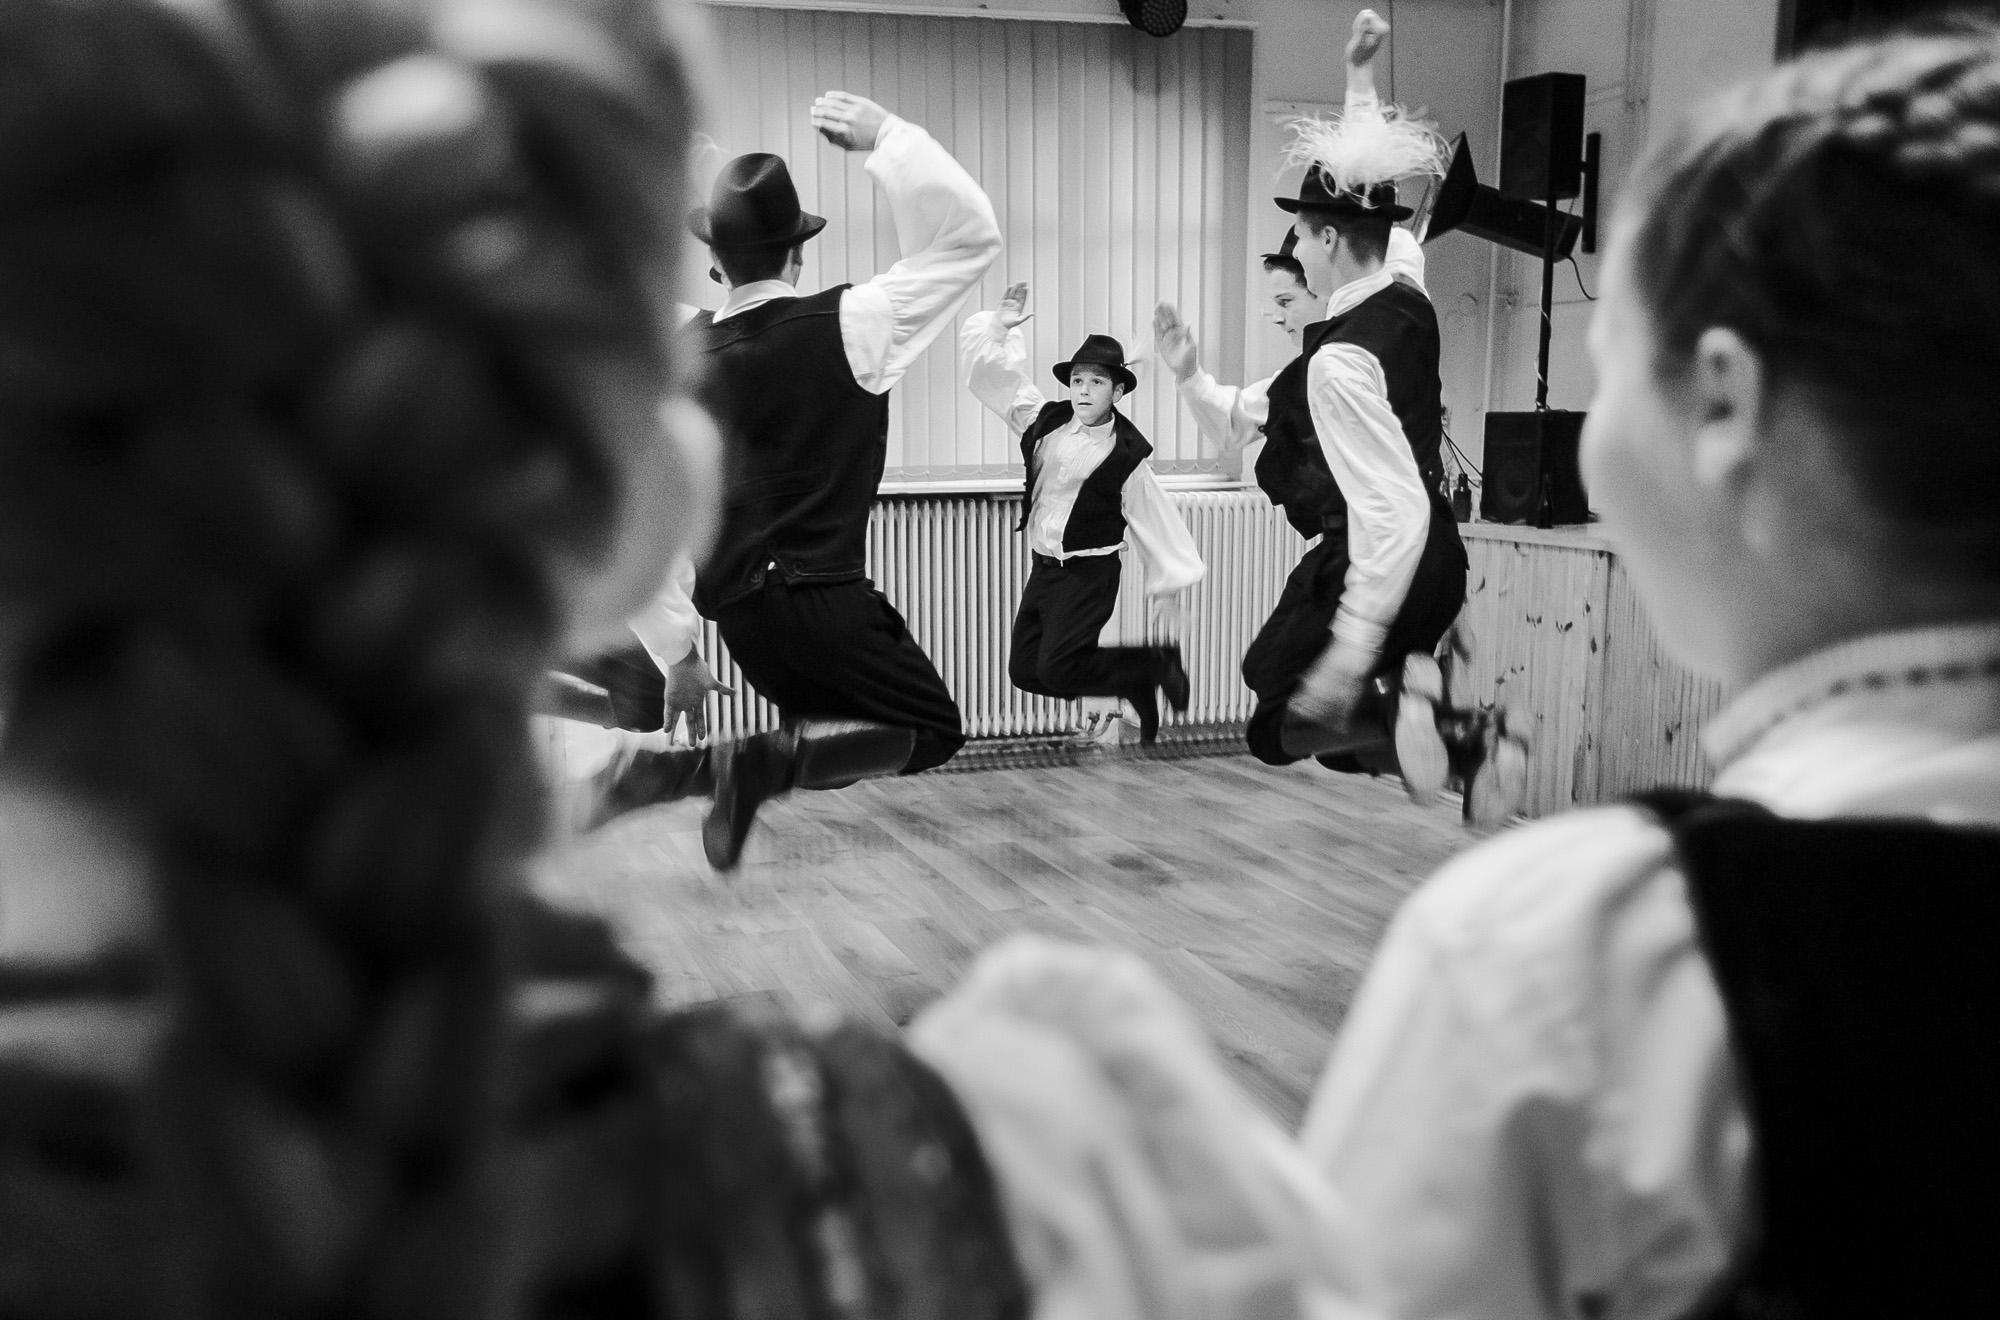 Fotó: Knap Zoltán: Részlet a Táncoló babszemek című fotóalbumból © Knap Zoltán